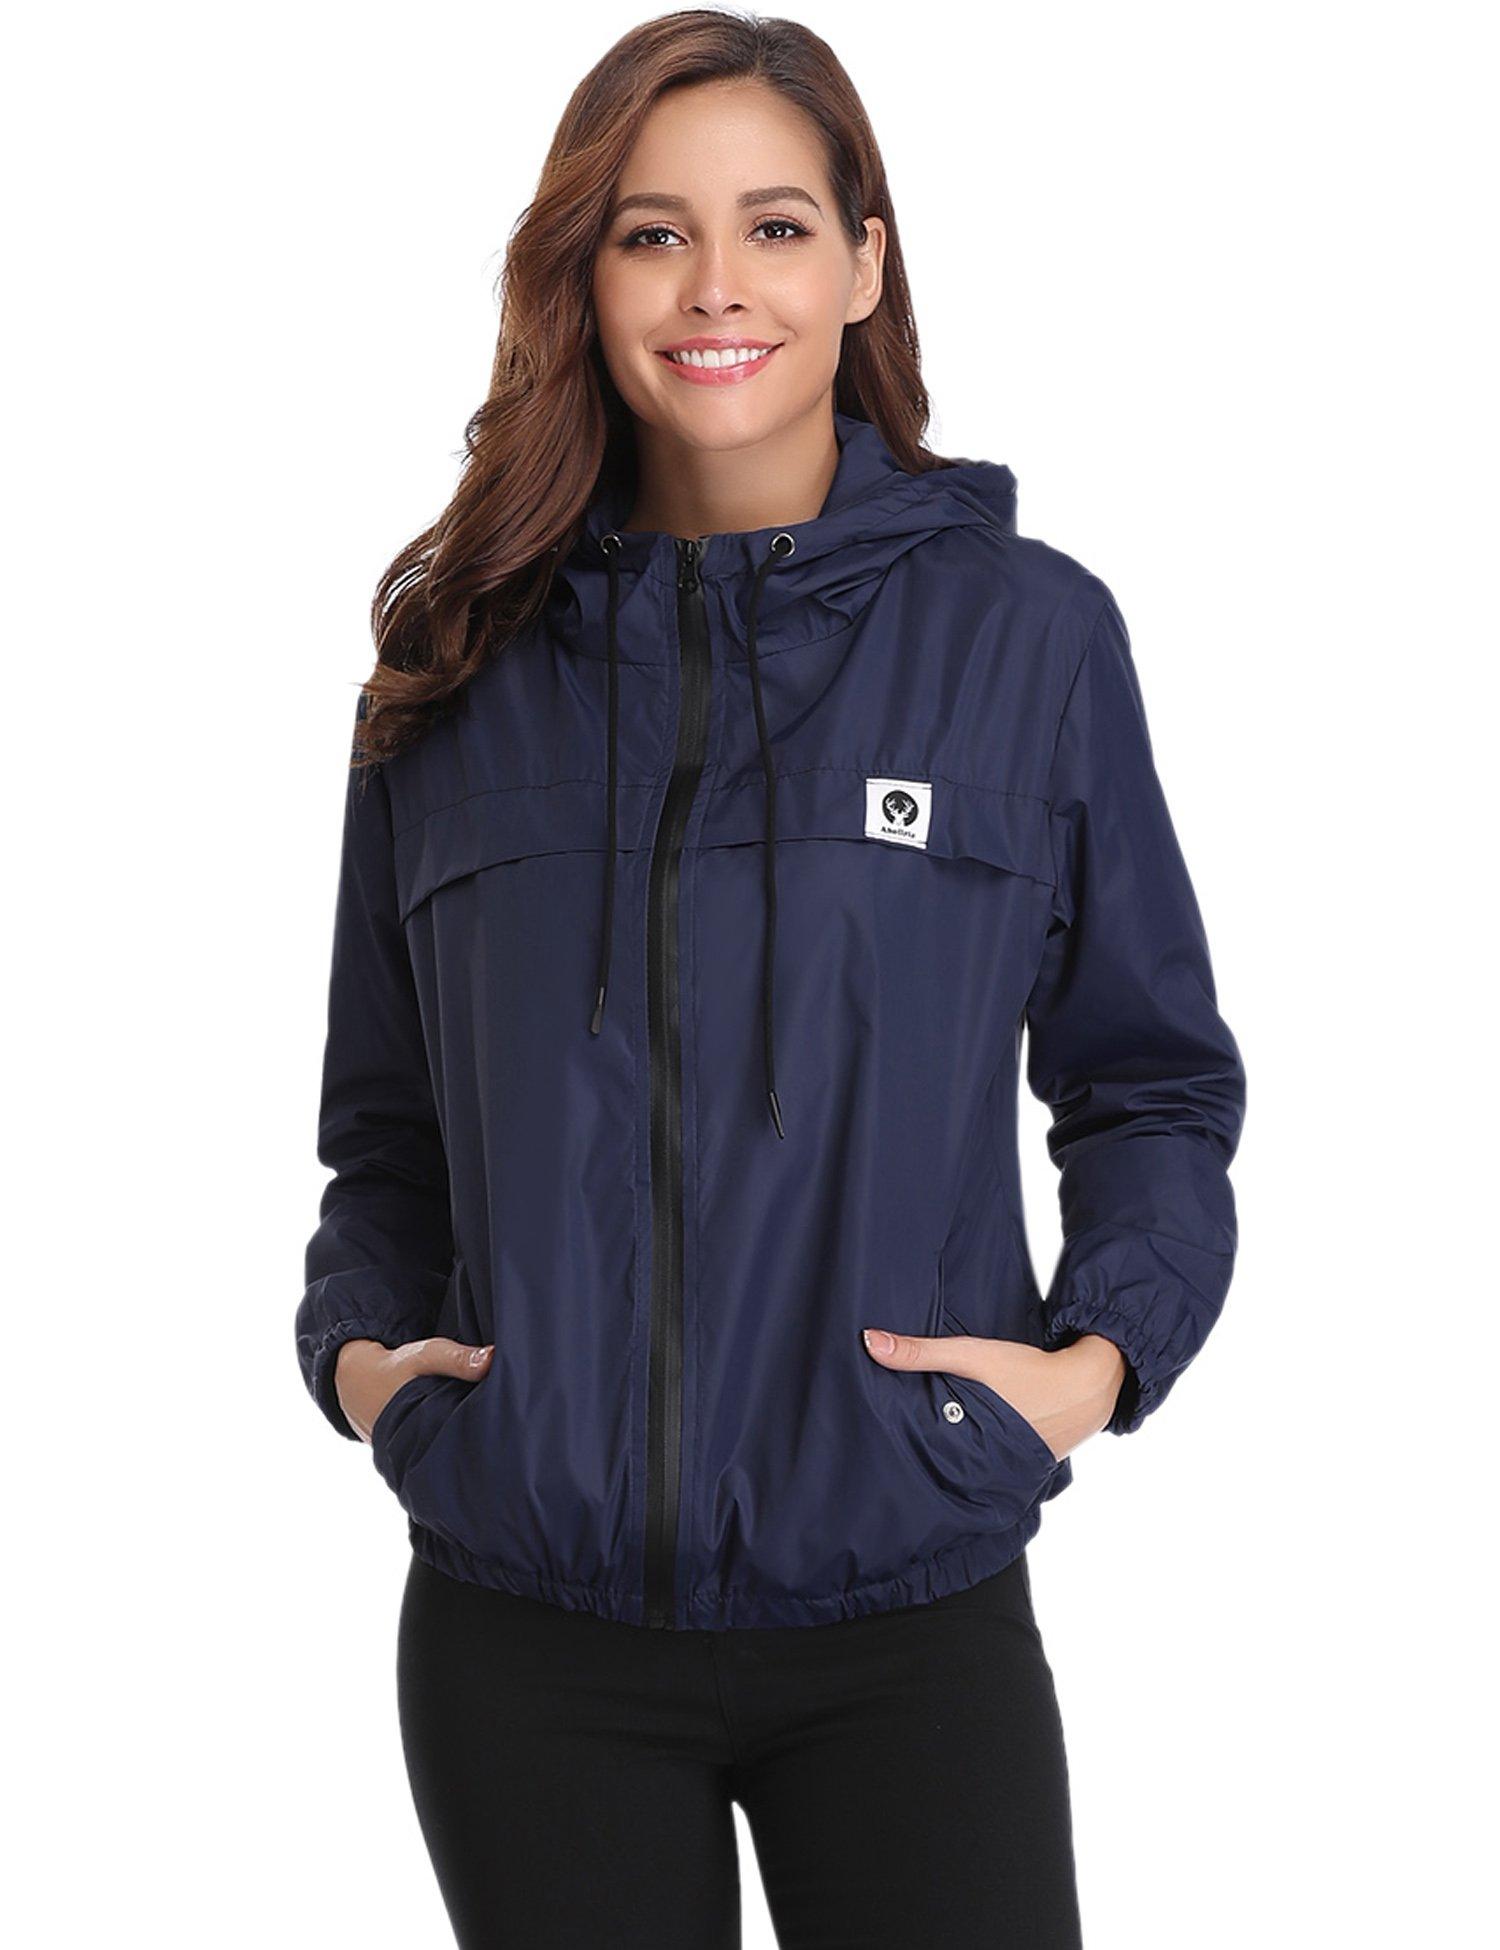 Abollria Raincoats Waterproof Lightweight Rain Jacket Active Outdoor Hooded Women's Trench Coats